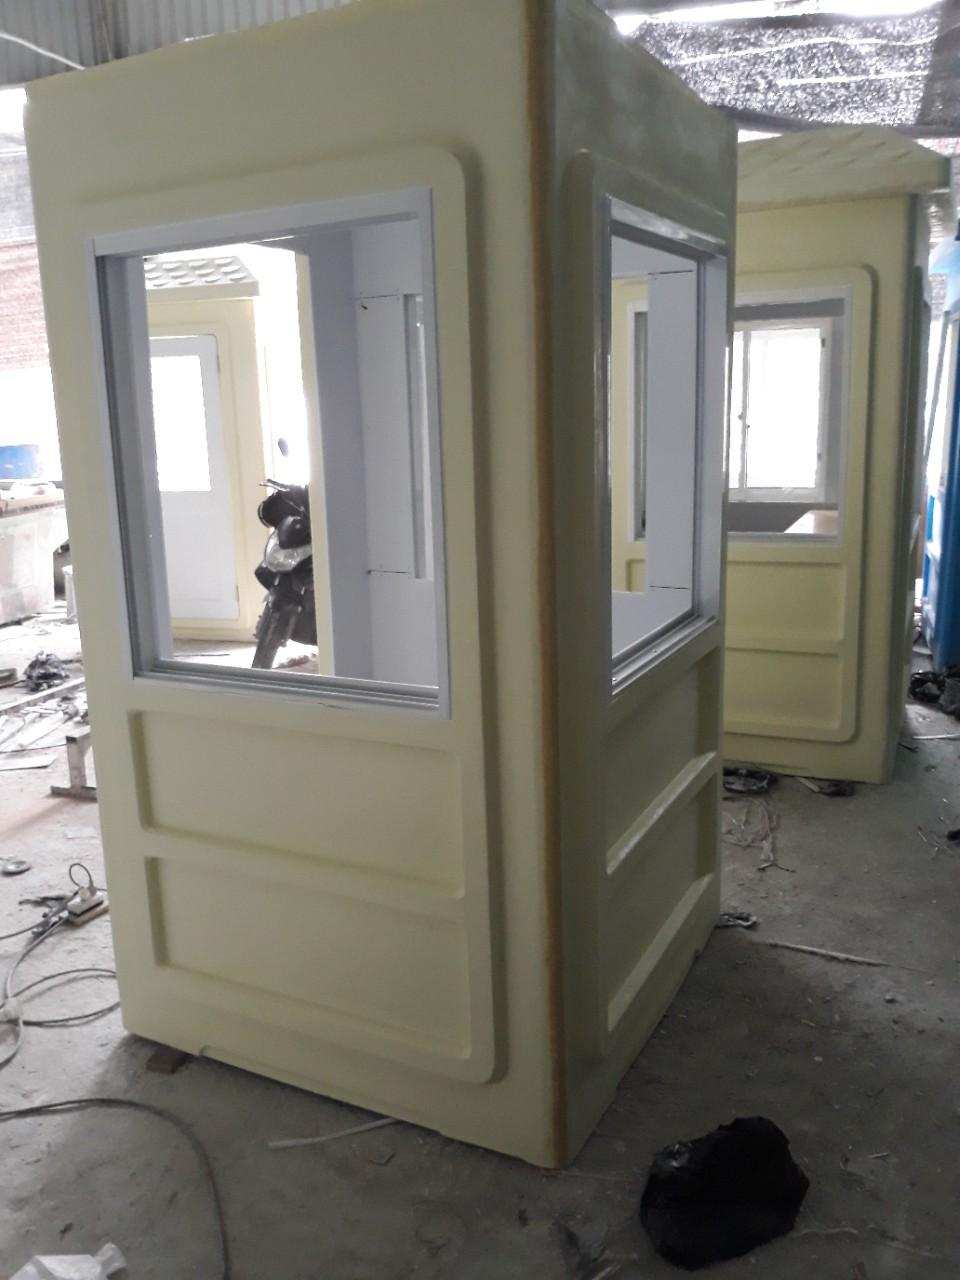 Lắp ráp thay thế kính cửa sổ cho nhà bảo vệ